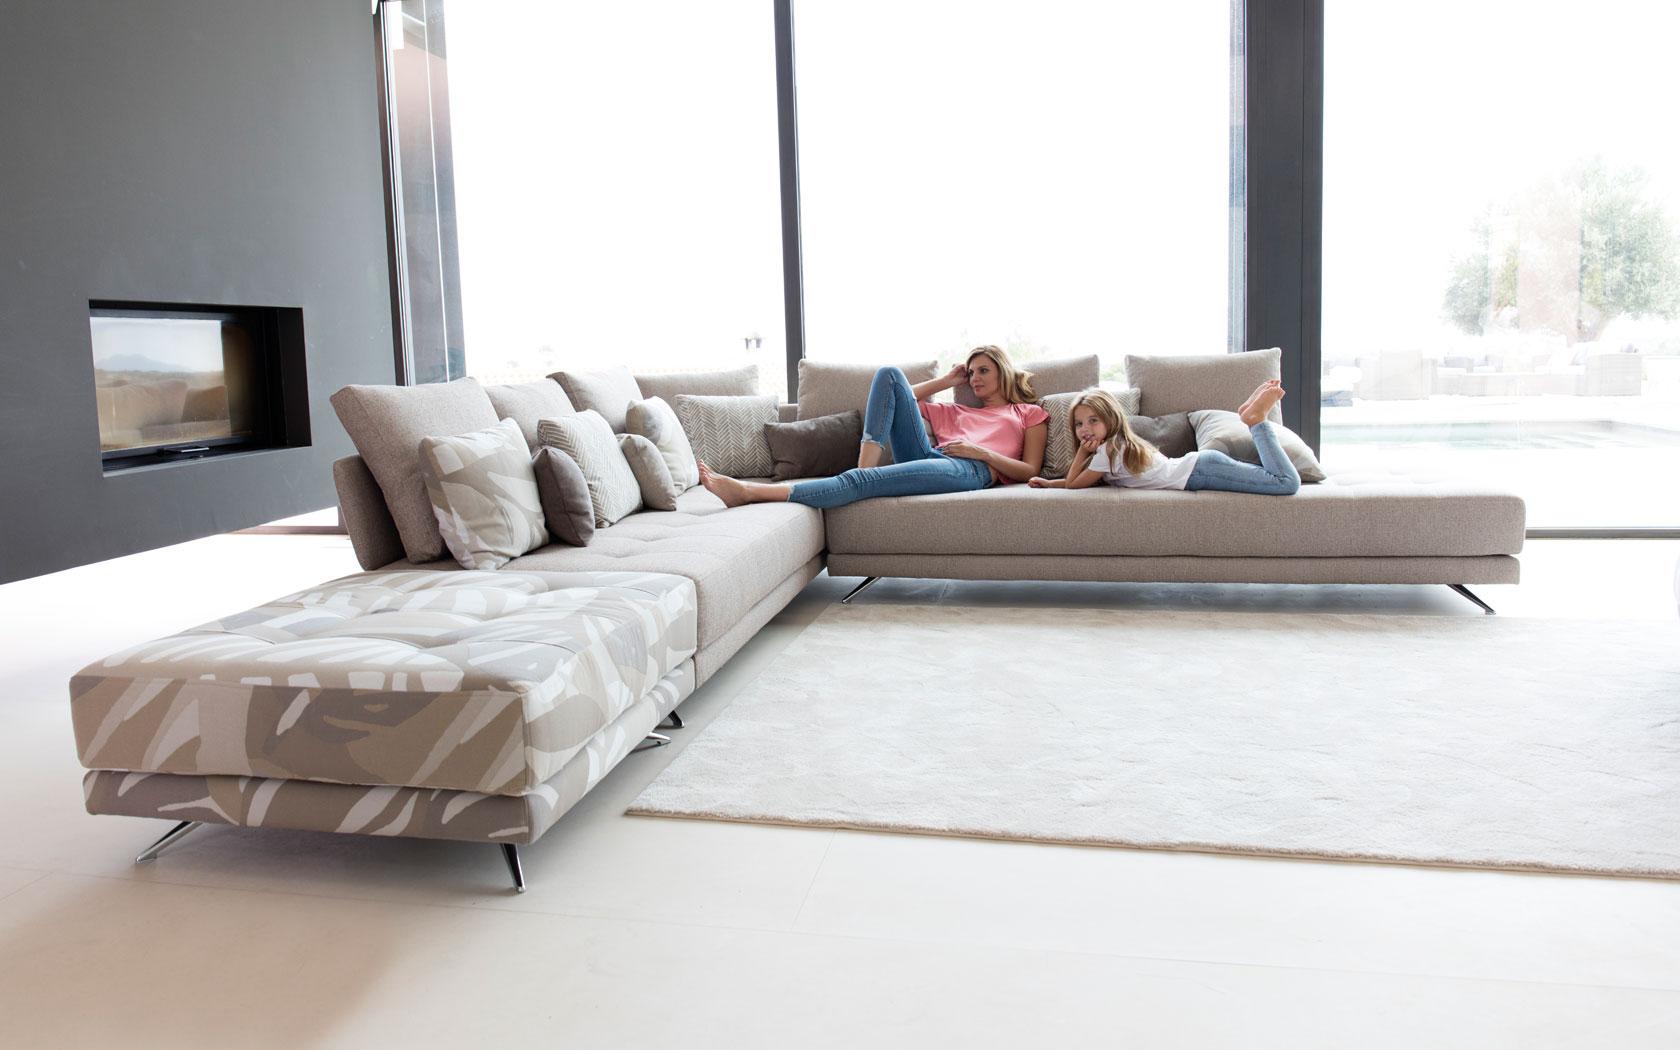 Pacific sofa Fama 2019 02